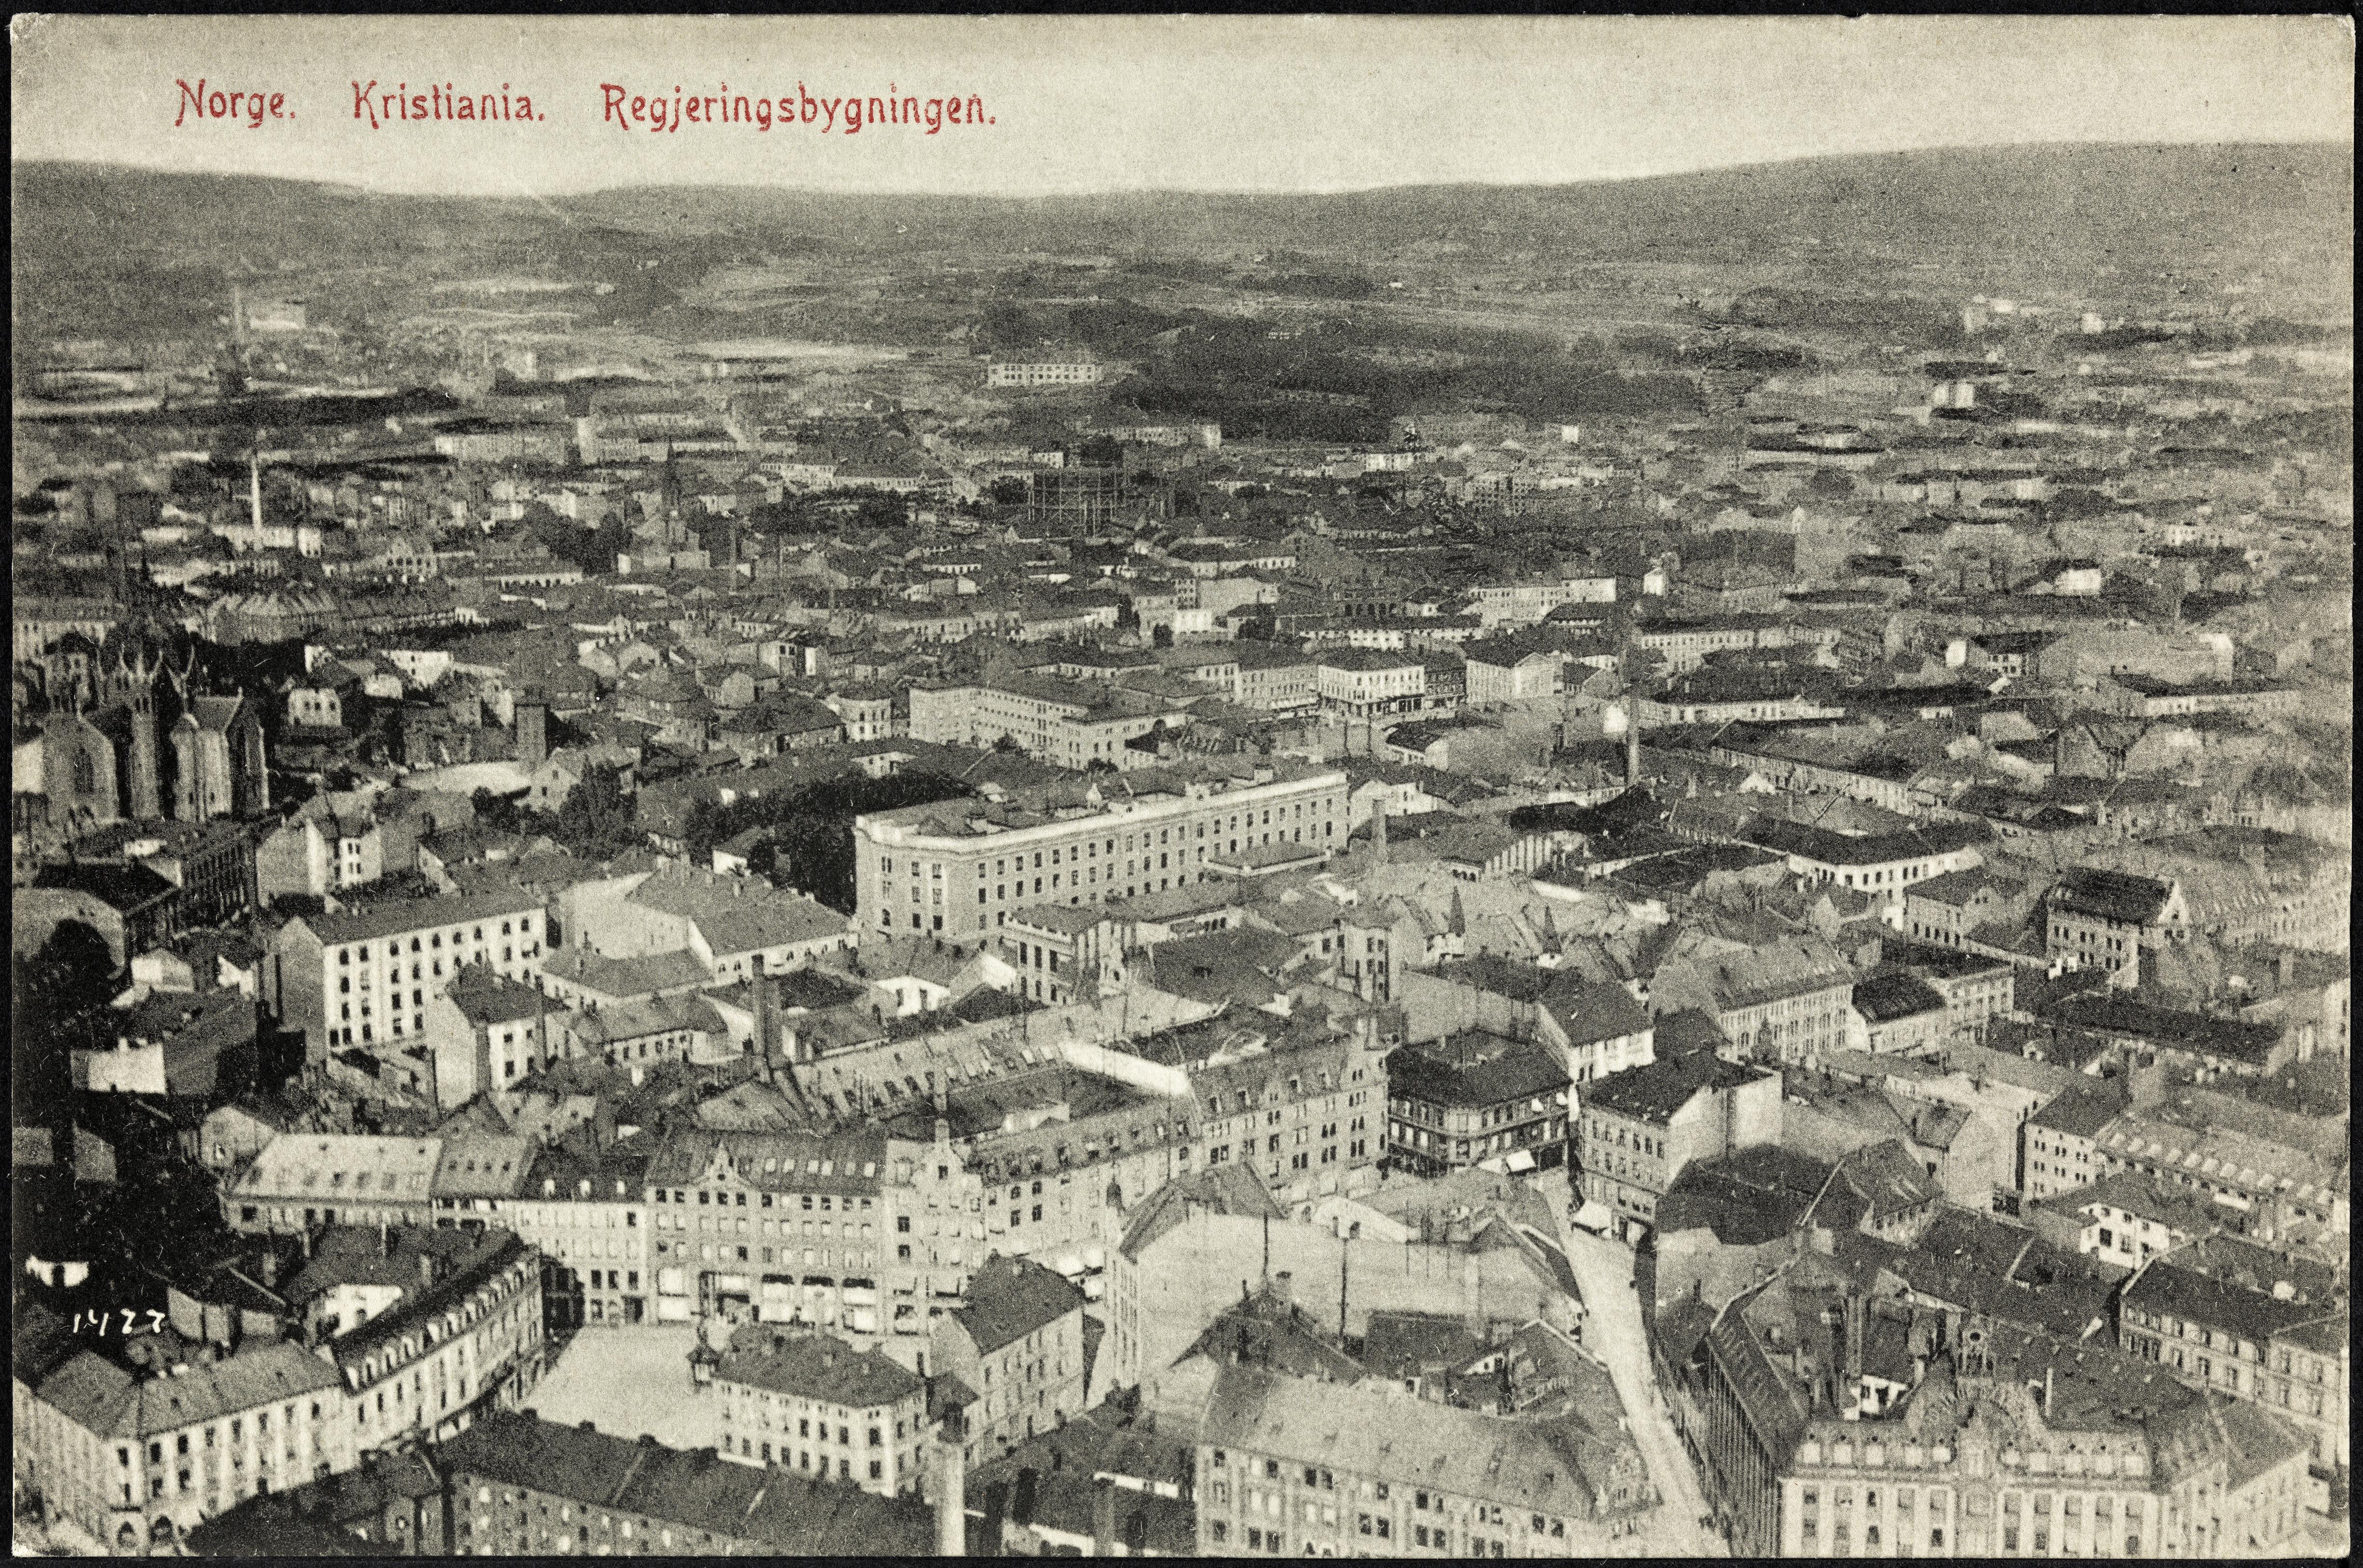 Norge. Kristiania. Regjeringsbygningen, 1906